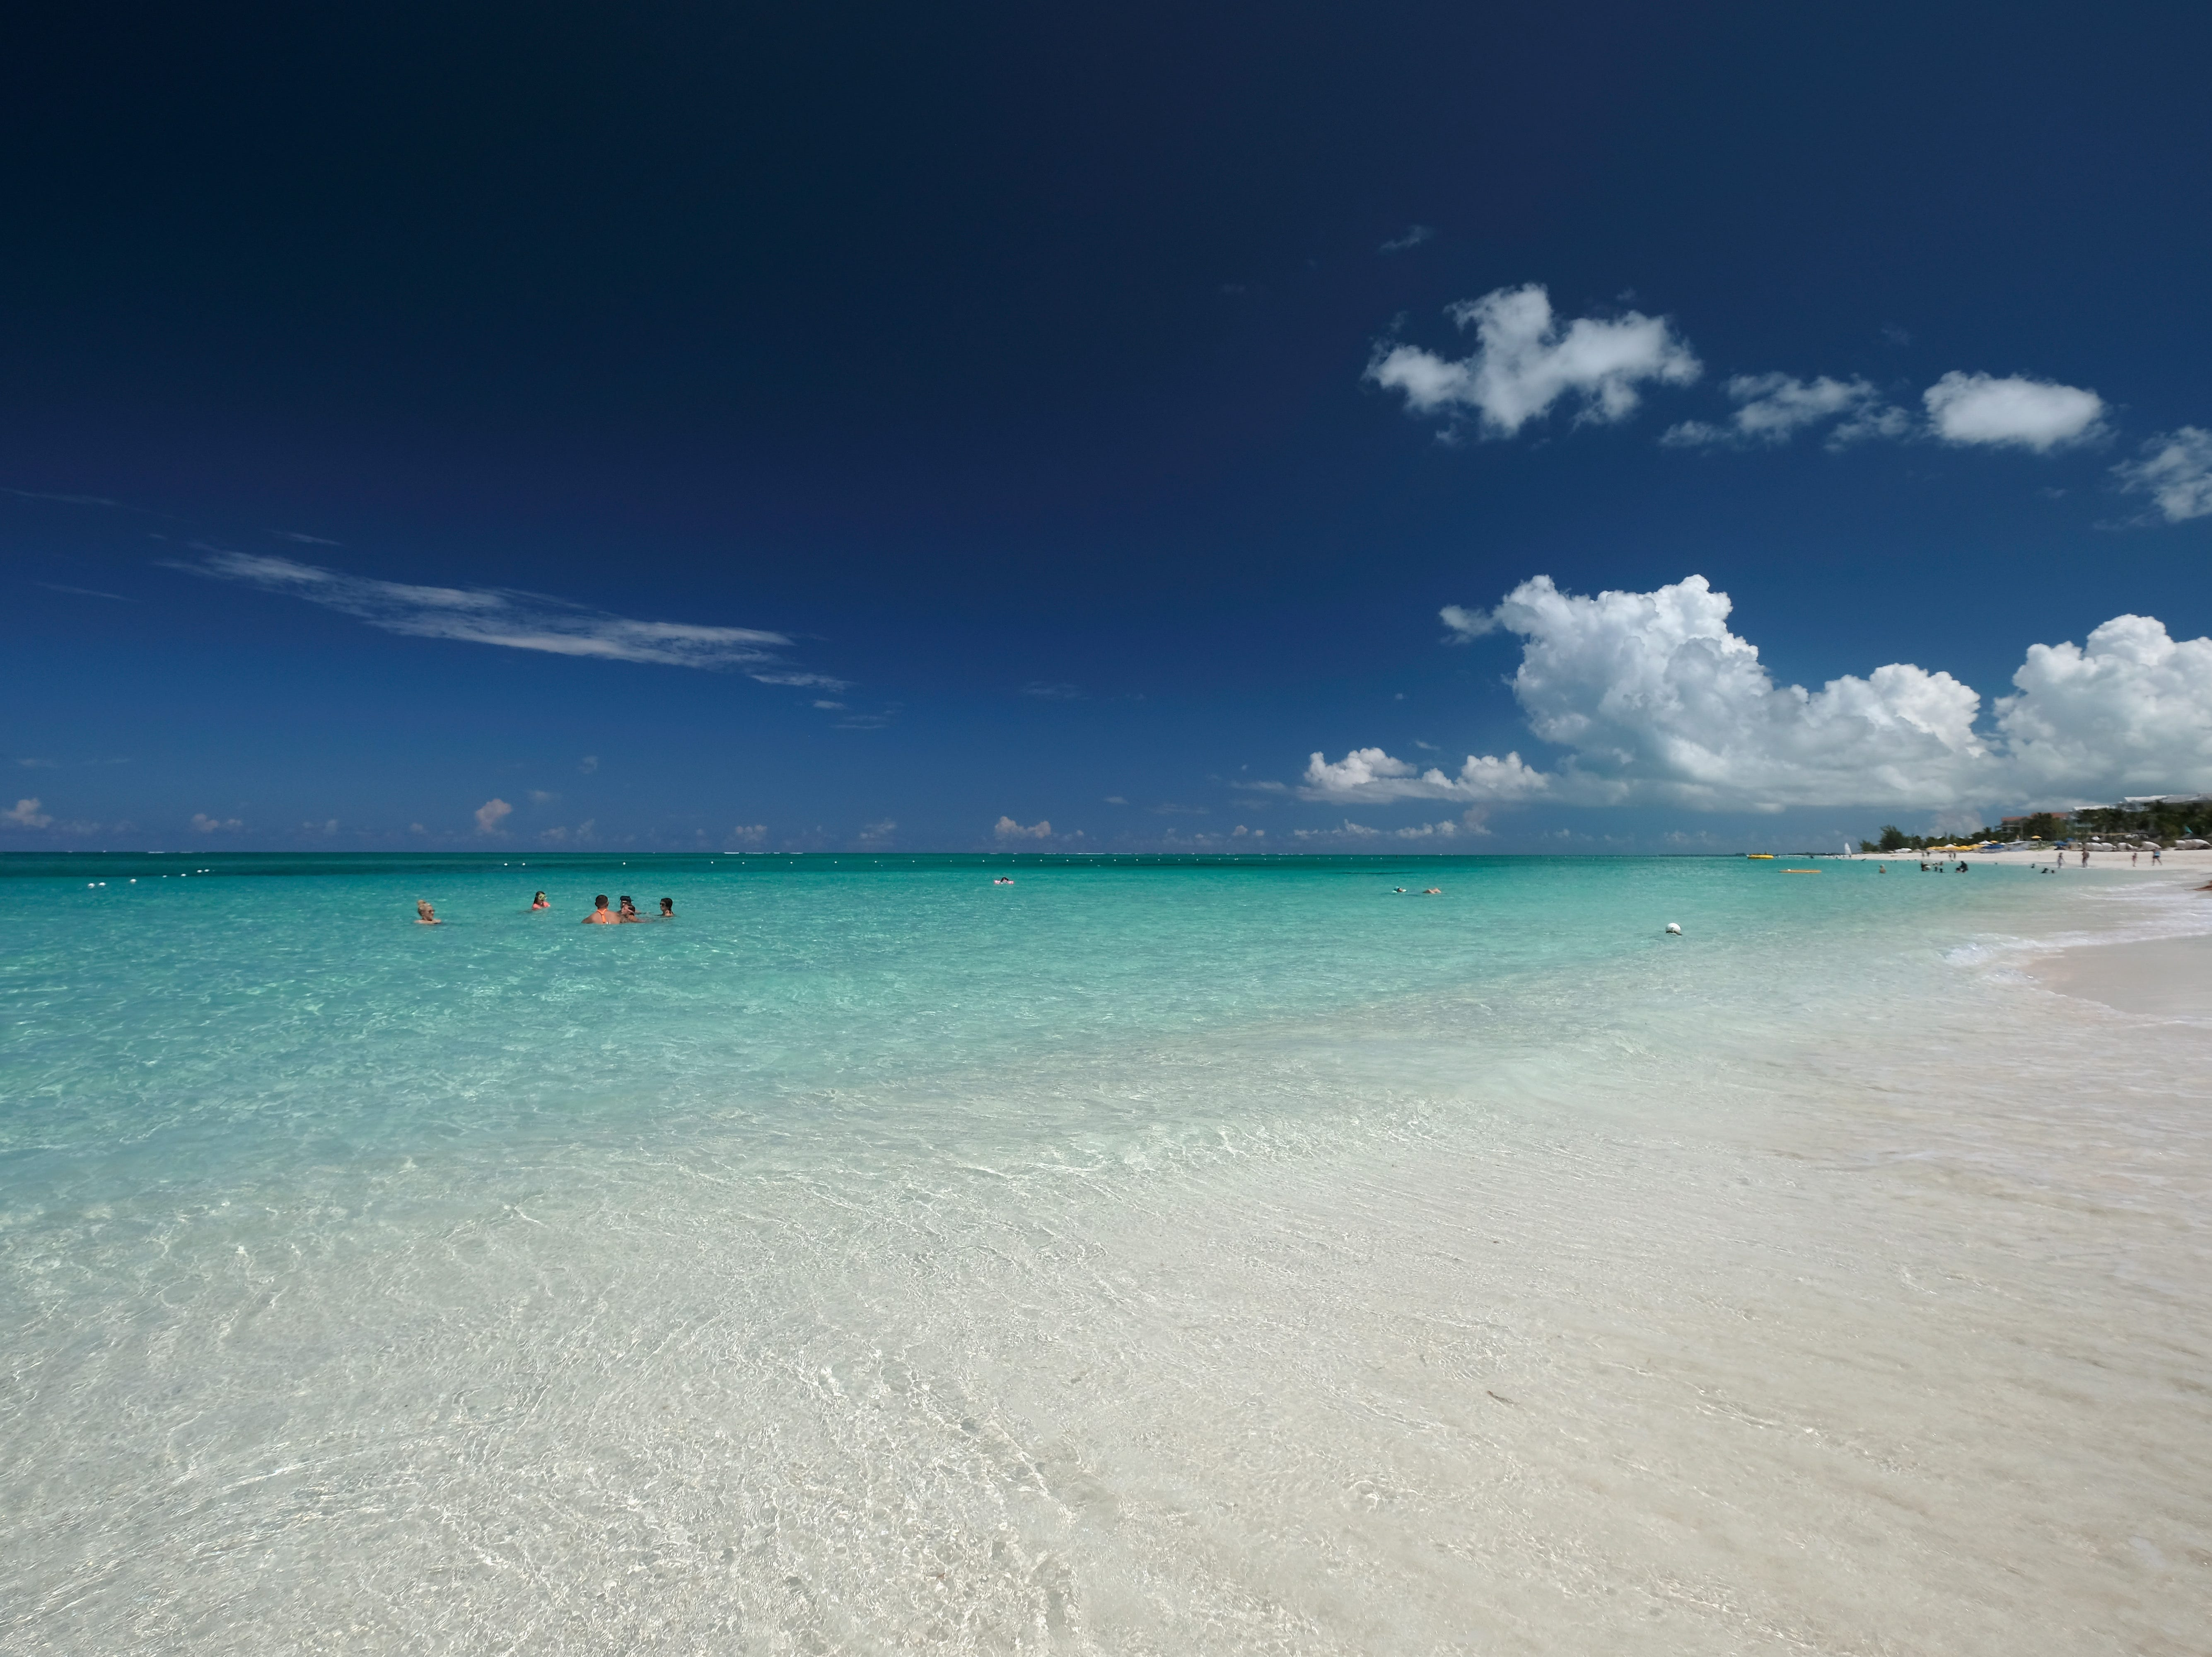 Ubicada al noreste de la isla Providenciales, esta playa de arena blanquísima y agua transparente se ha convertido en la postal favorita de las islas Turcos y Caicos.